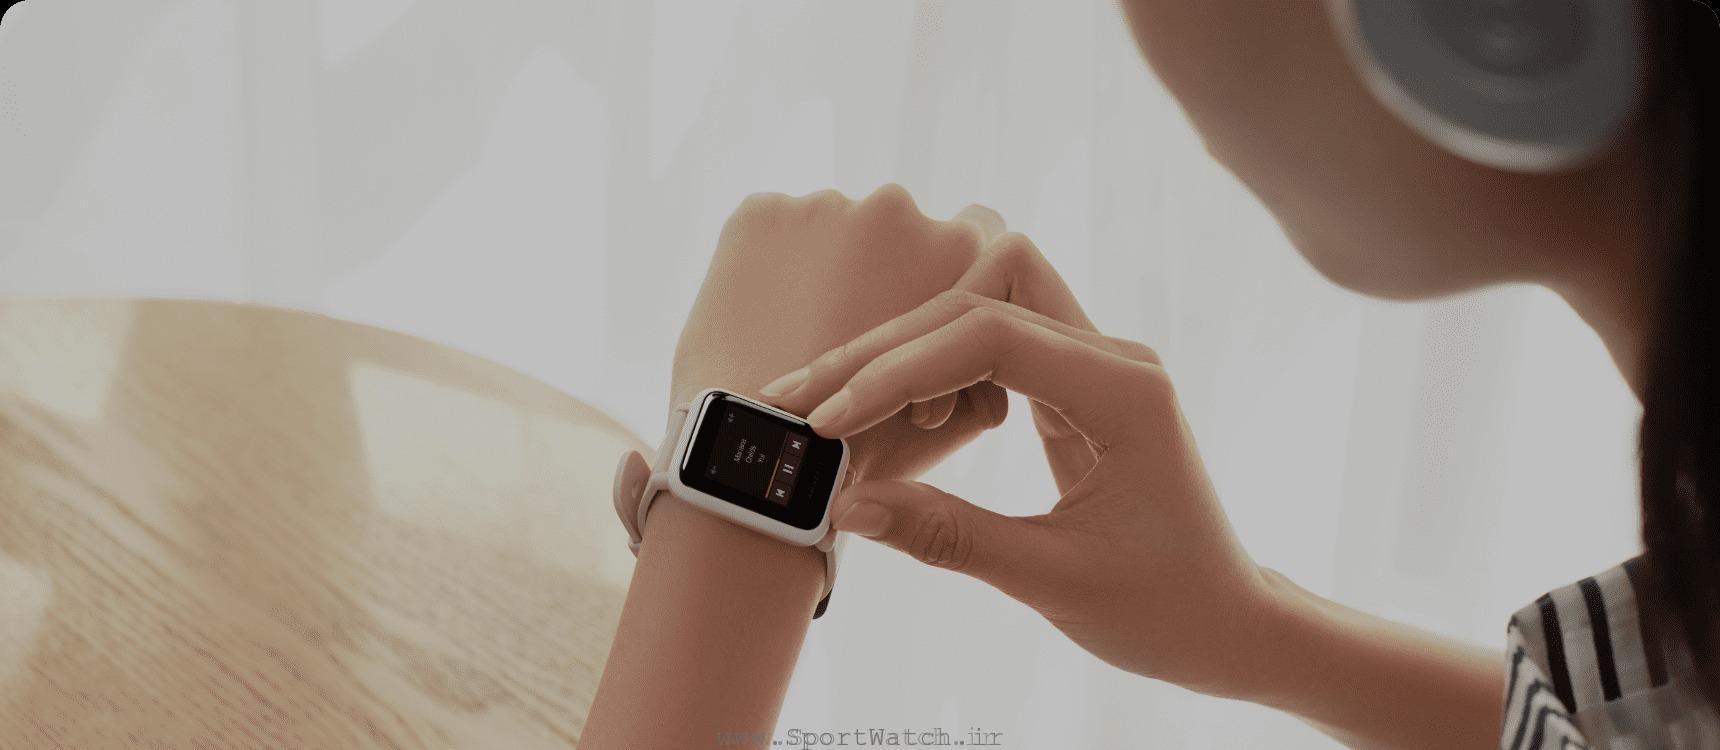 ساعت هوشمند آمازفیت بیپ اس سفید